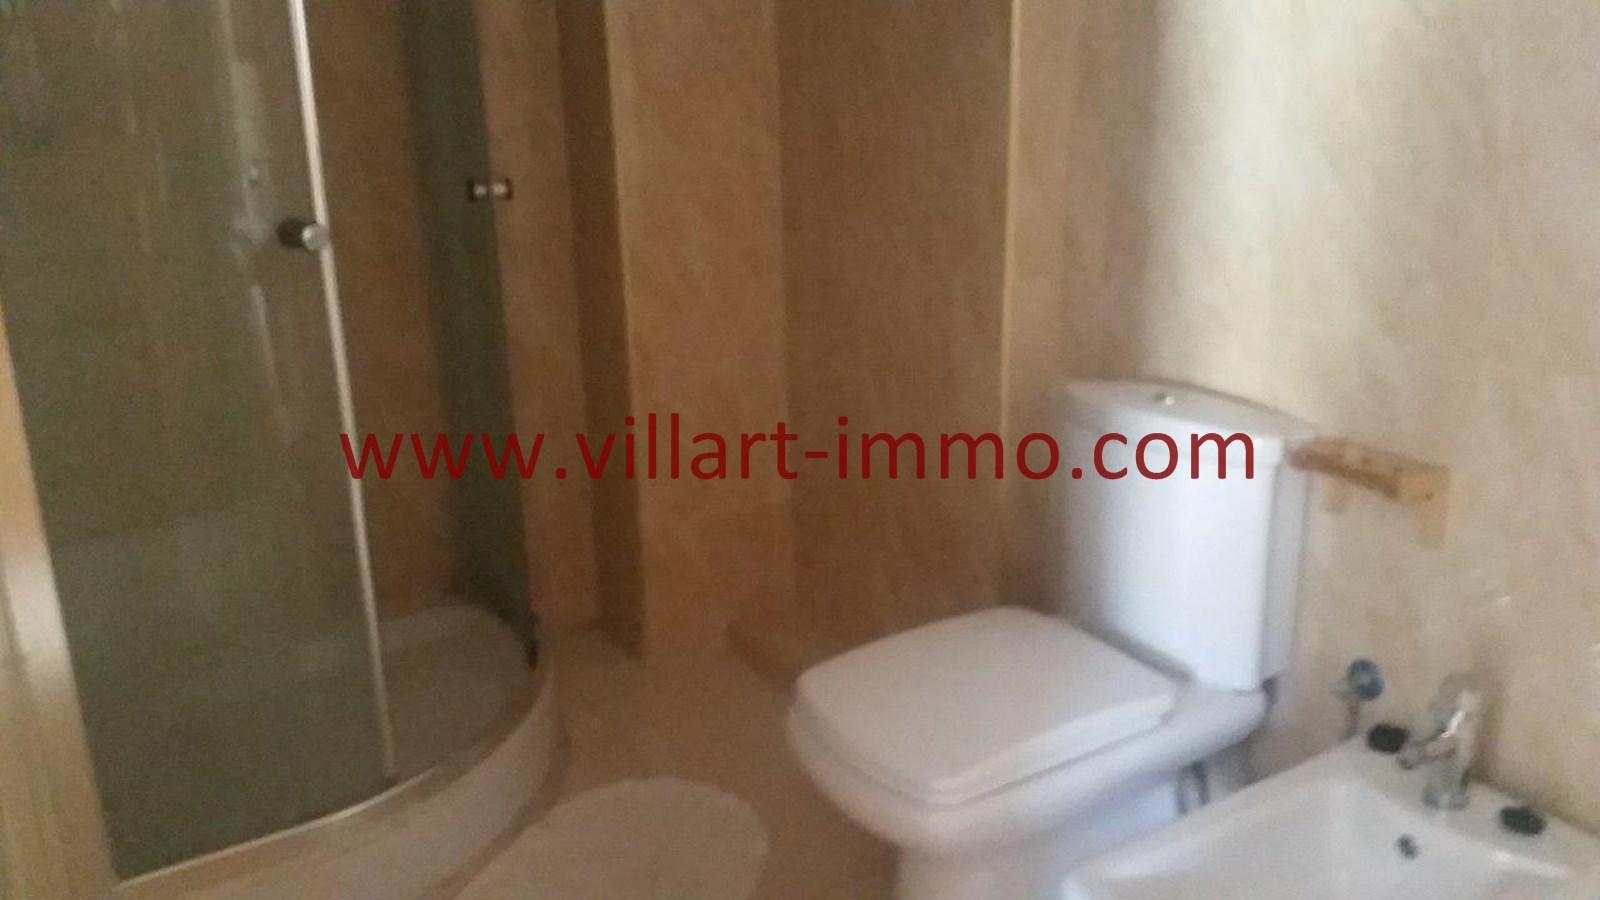 9-A louer-Appartement-Meublé-Tanger-Salle de bain'-L911-Villart immo